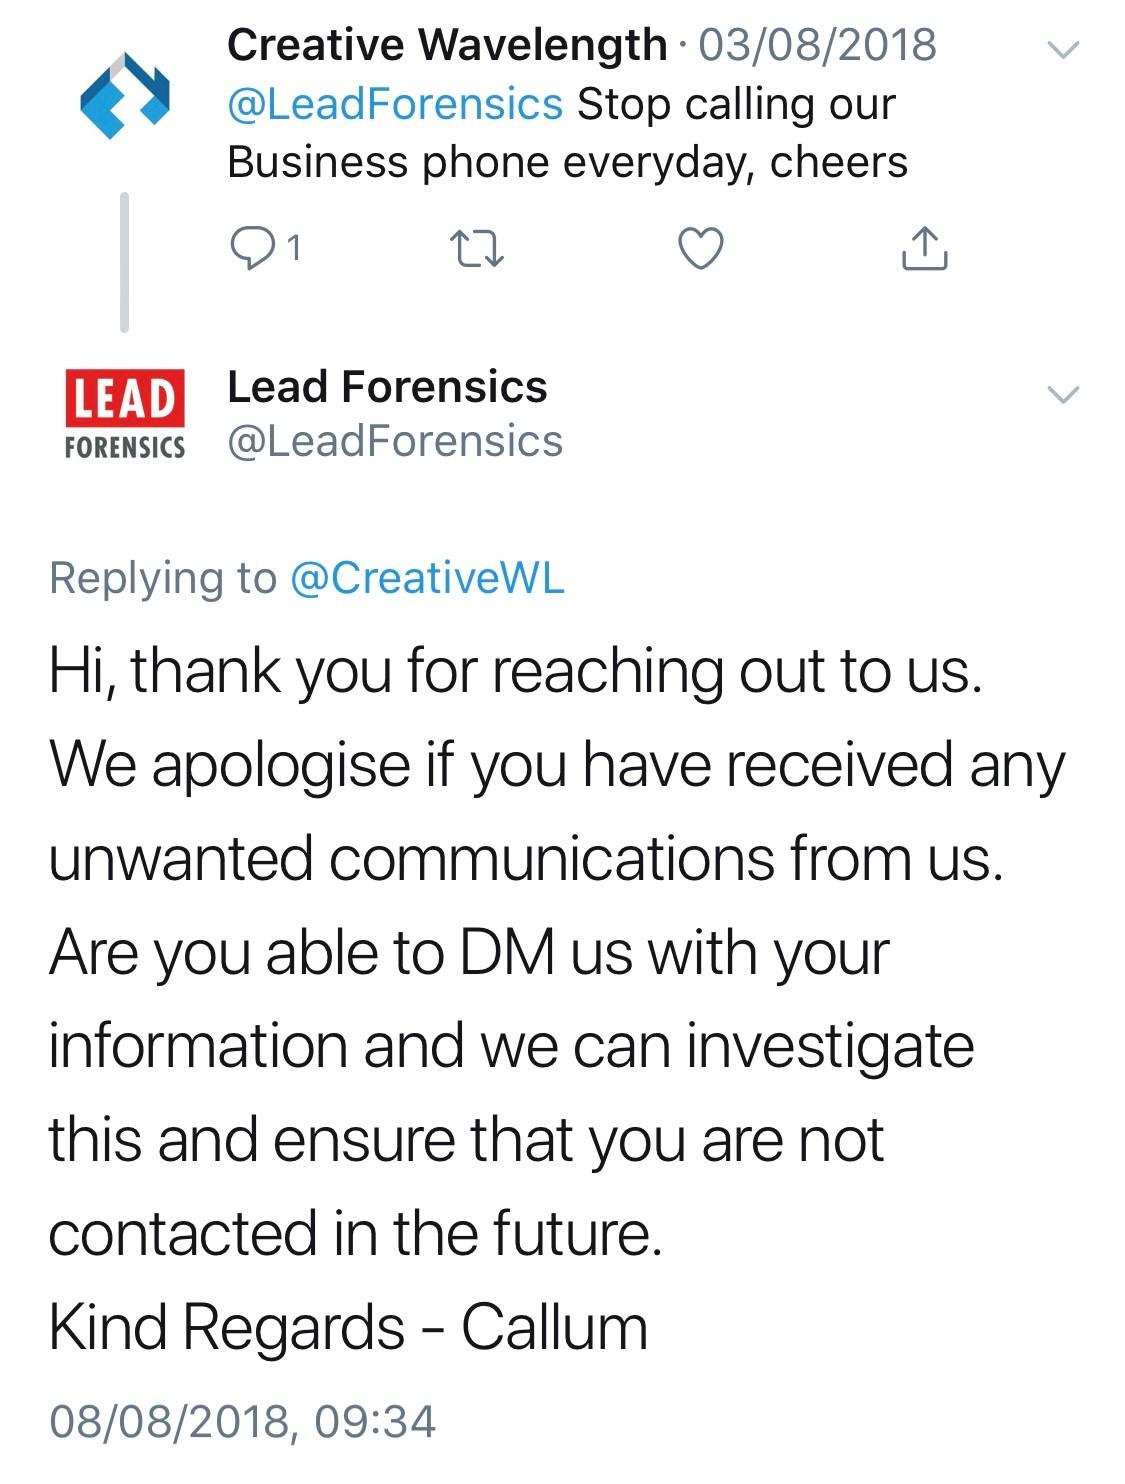 2018-08-03-Lead-Forensics-Complaint